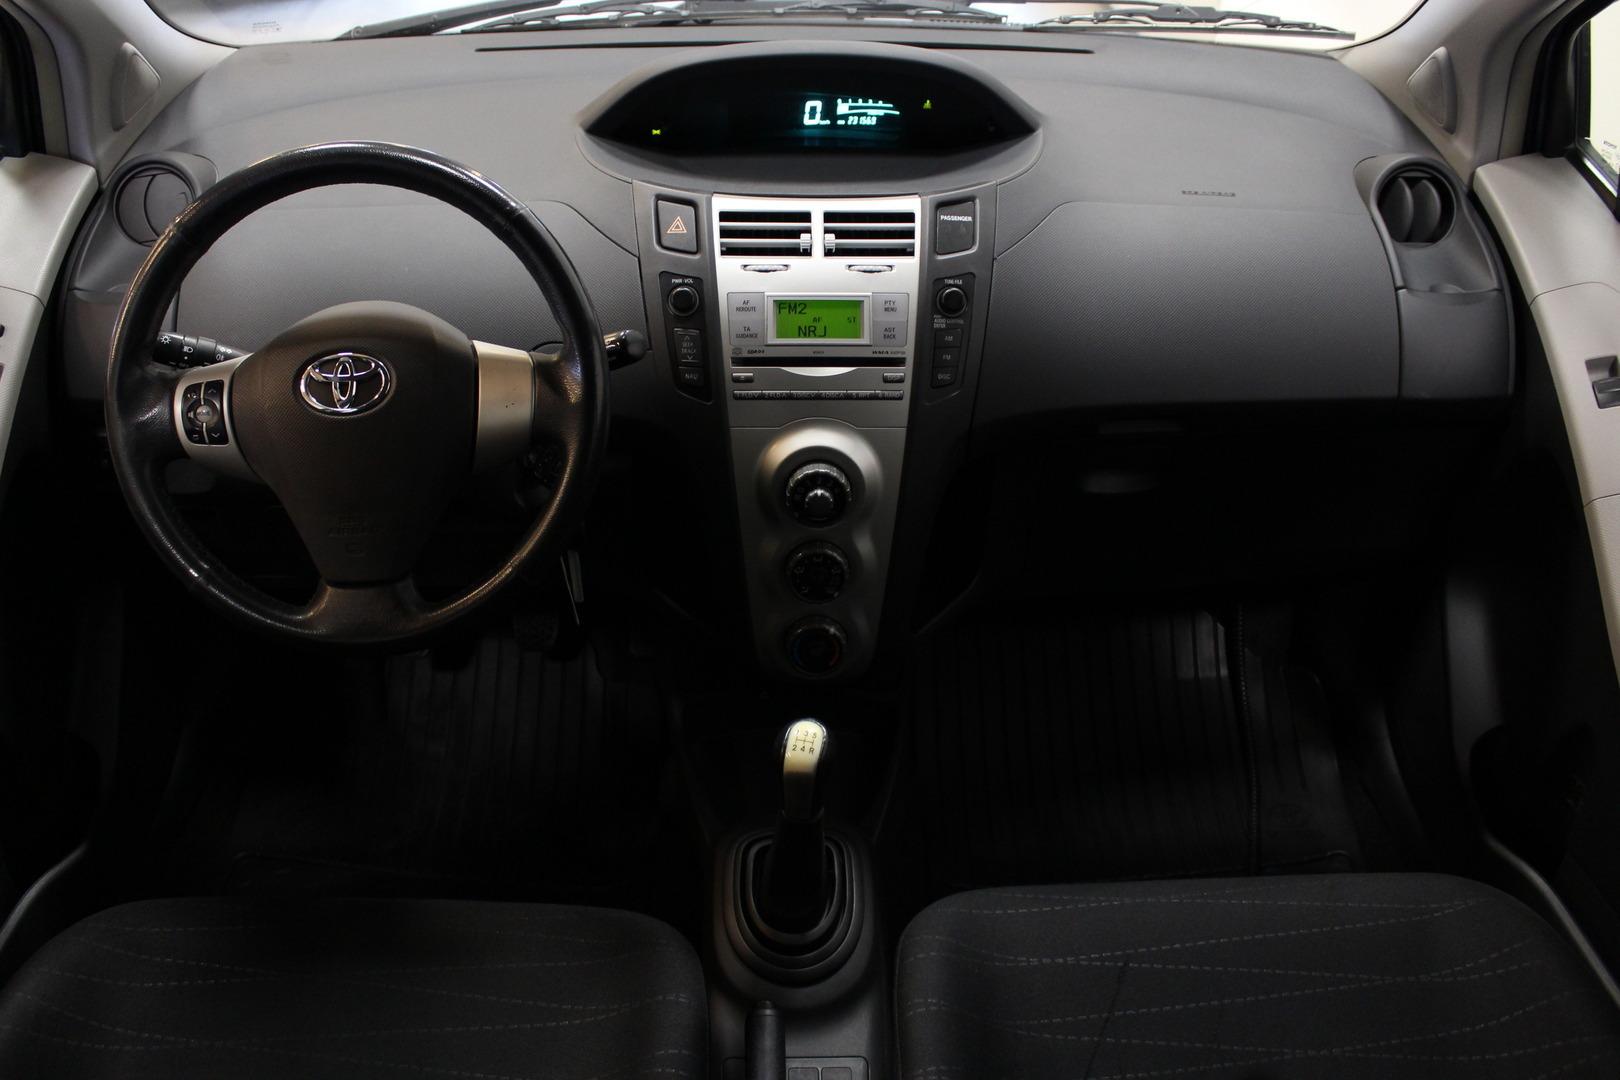 Toyota Yaris, 1.3l 5ov #Ilmastoitu #Asiallinen #Nopeimmalle